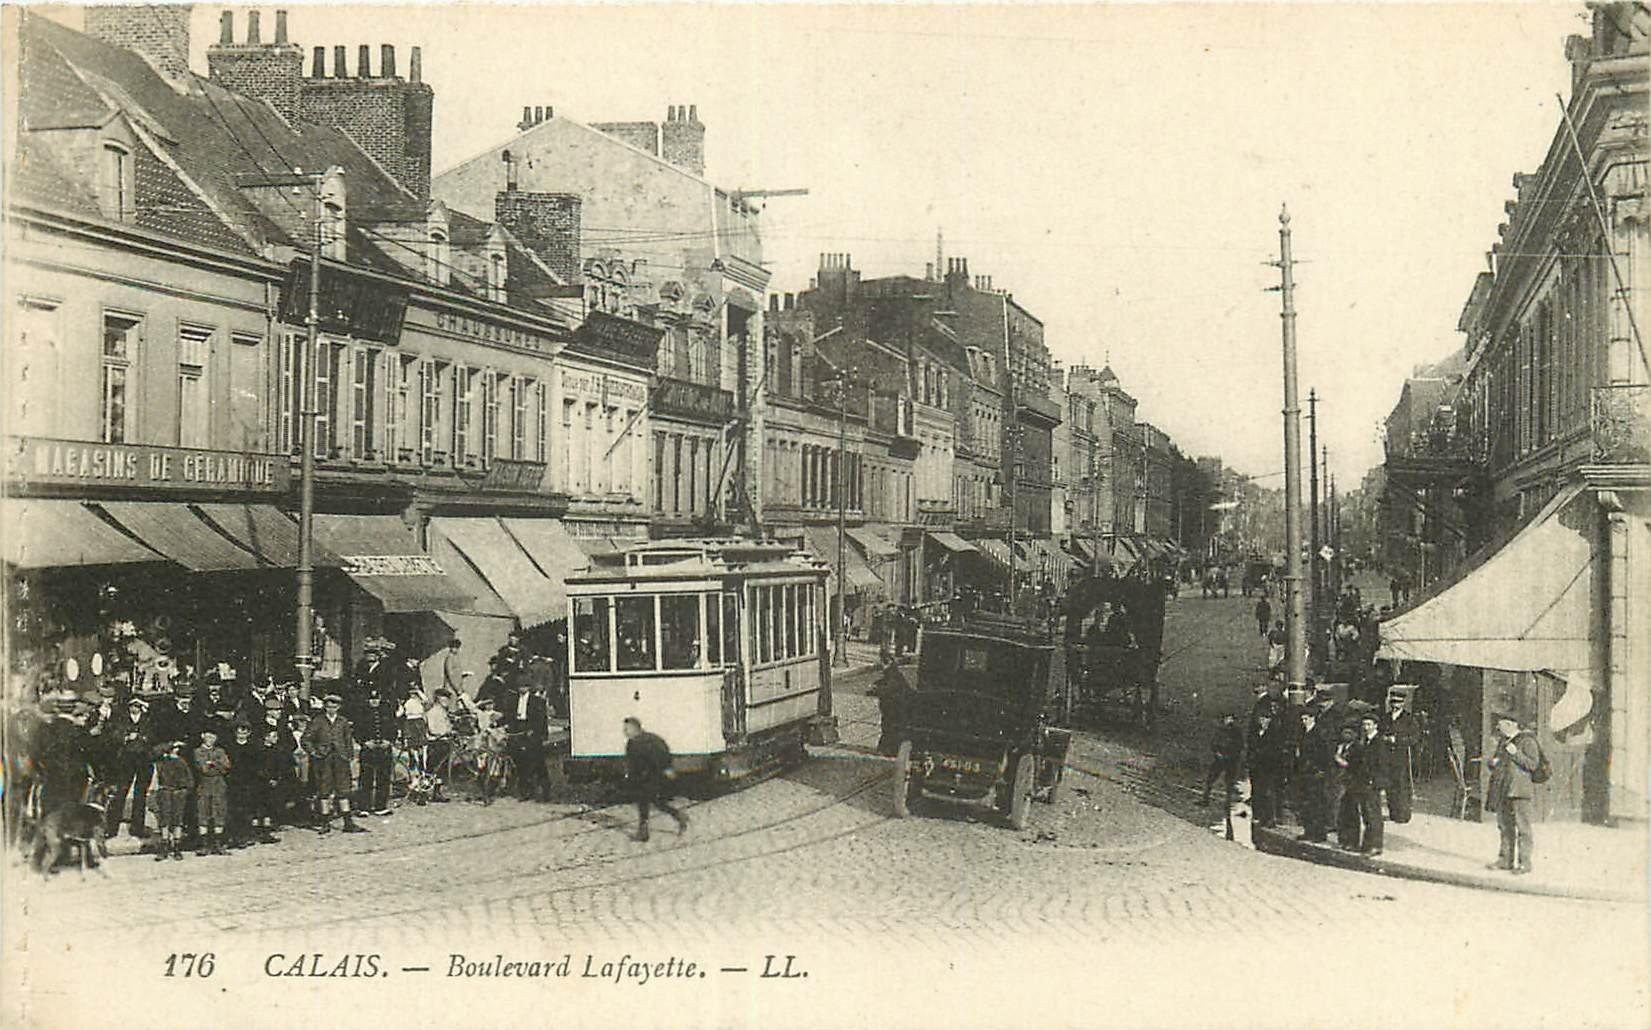 62 CALAIS. Les premiers Tramways électriques Boulevard Lafayette